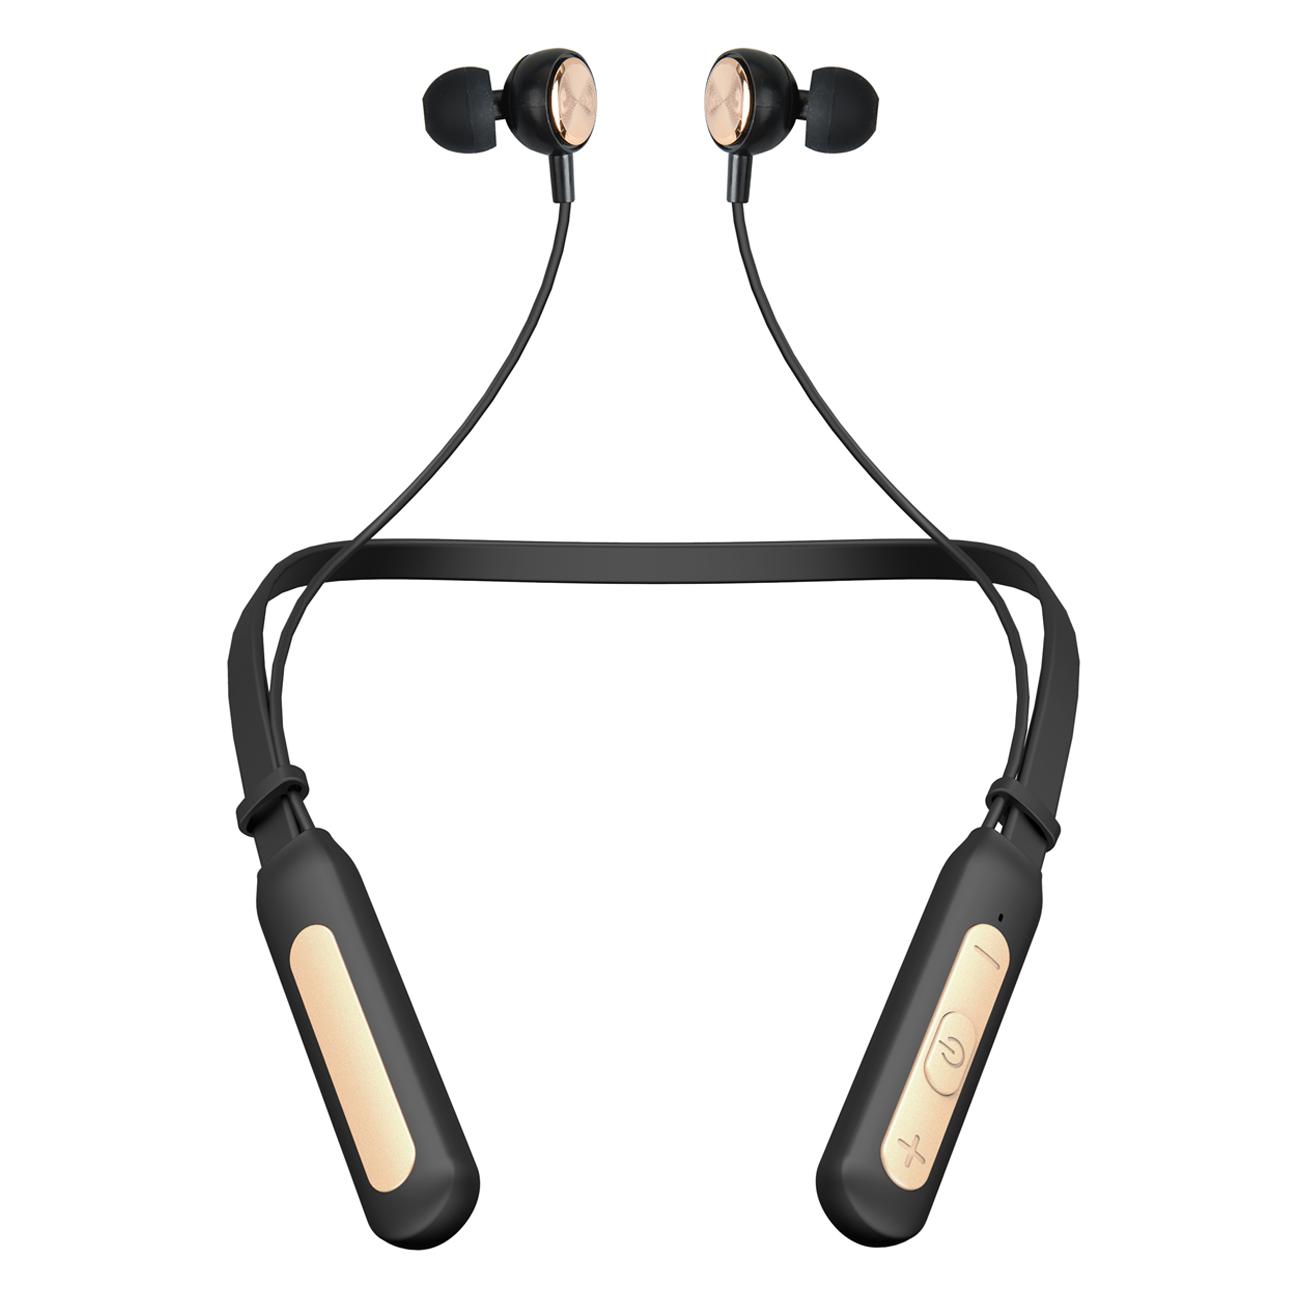 Kit 2 Fones de Ouvido S/fio Bluetooth Sport Preto 510 Bright  - BRIGHT